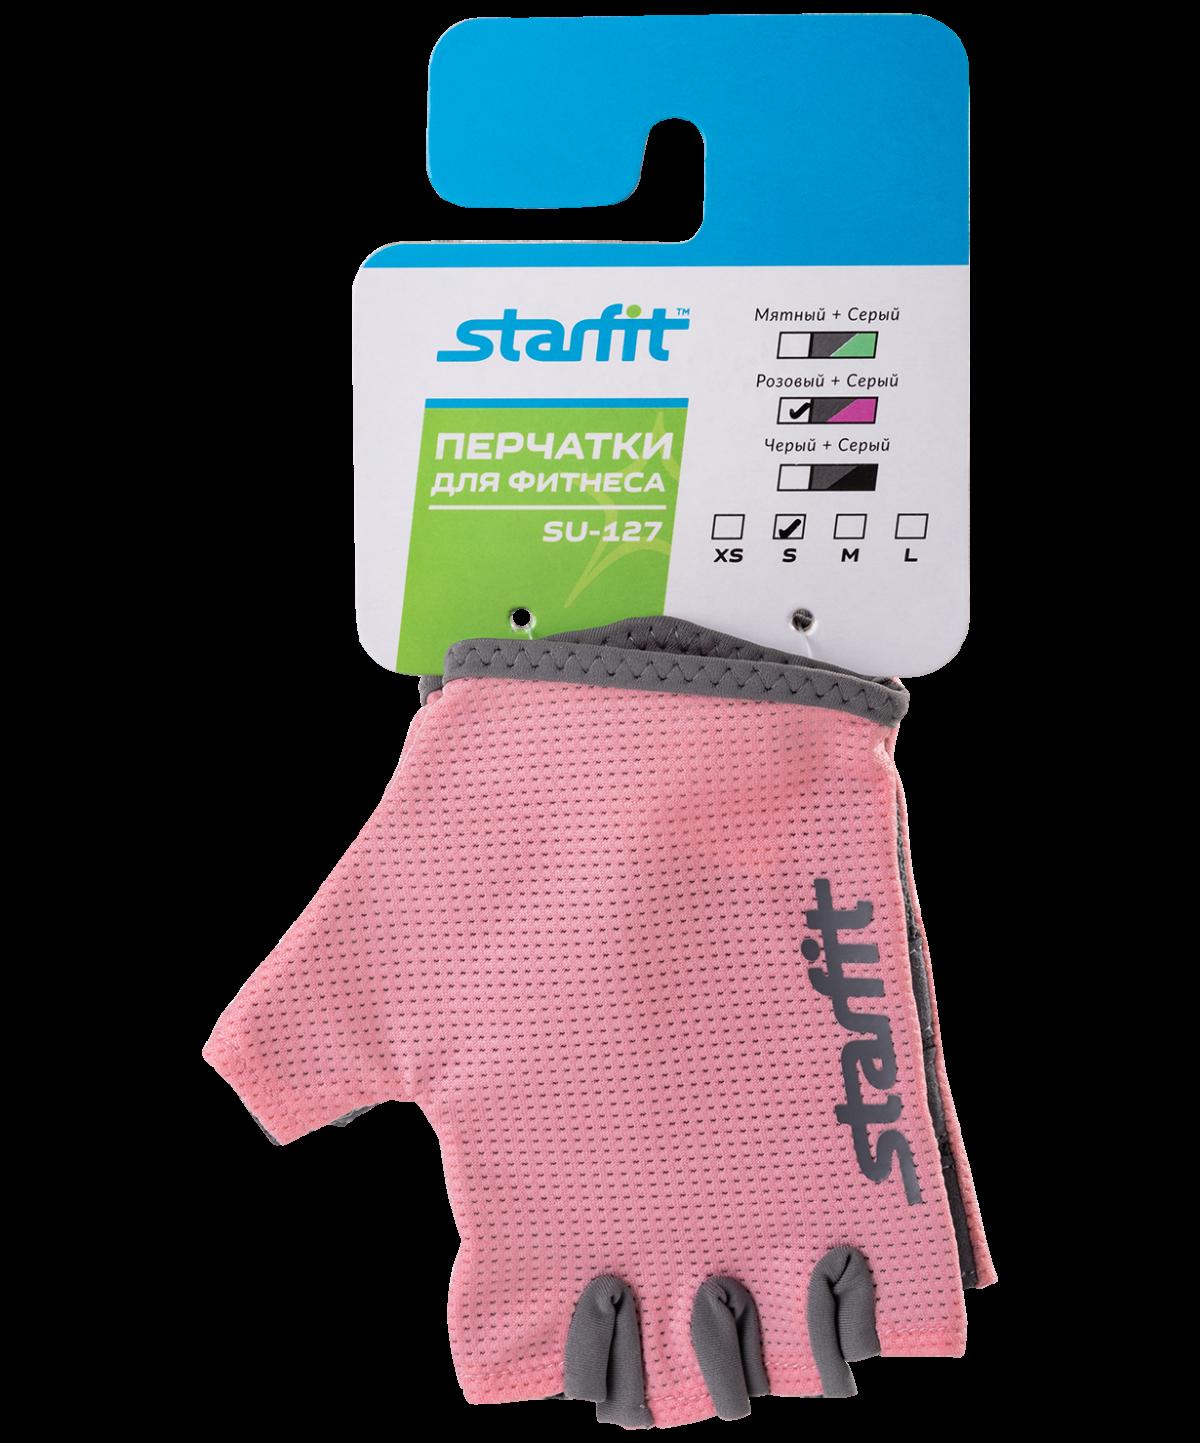 STARFIT Перчатки для фитнеса SU-127 : розовый/серый - 2